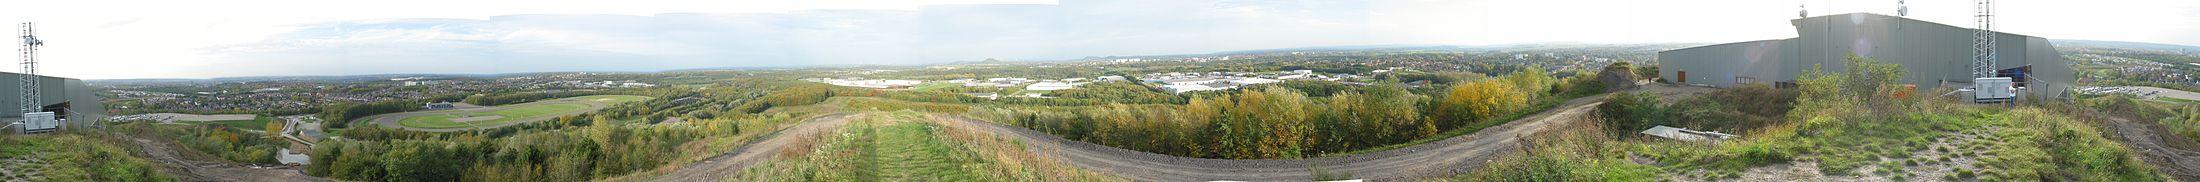 Panoramafoto vanaf de Wilhelminaberg. In het midden van de foto zijn op de achtergrond diverse steenbergen op Duits grondgebied te zien.